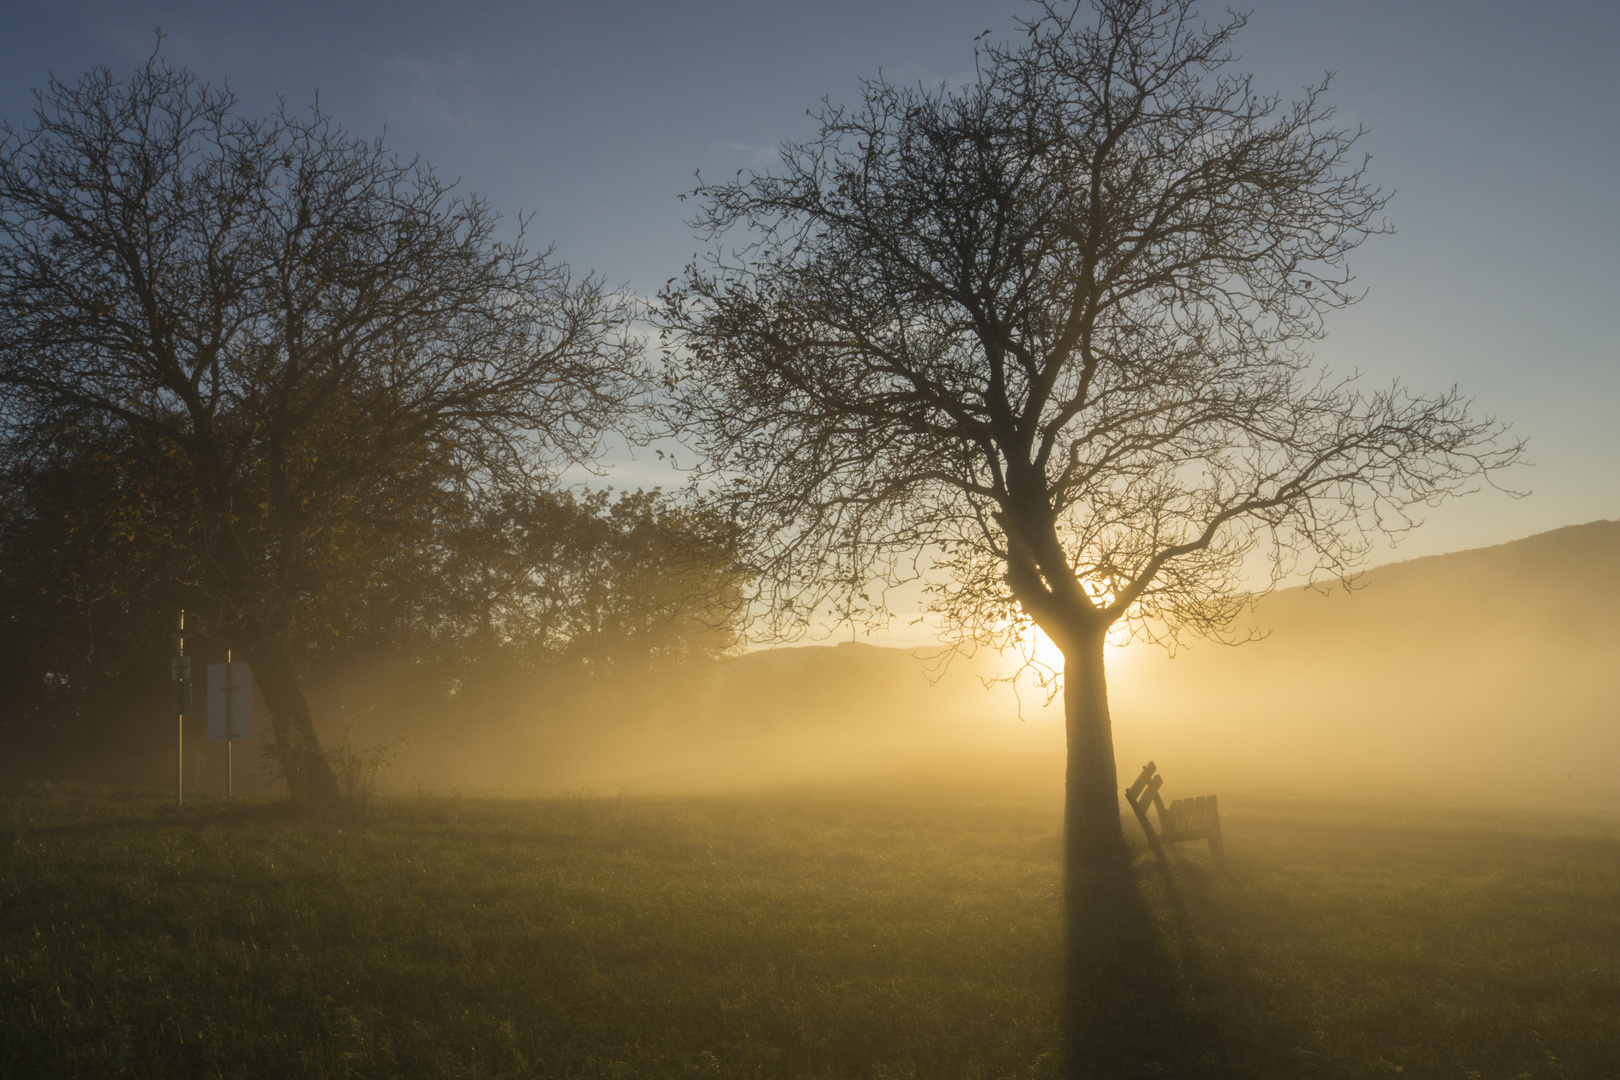 Nebelschwaden beim Sonnenuntergang